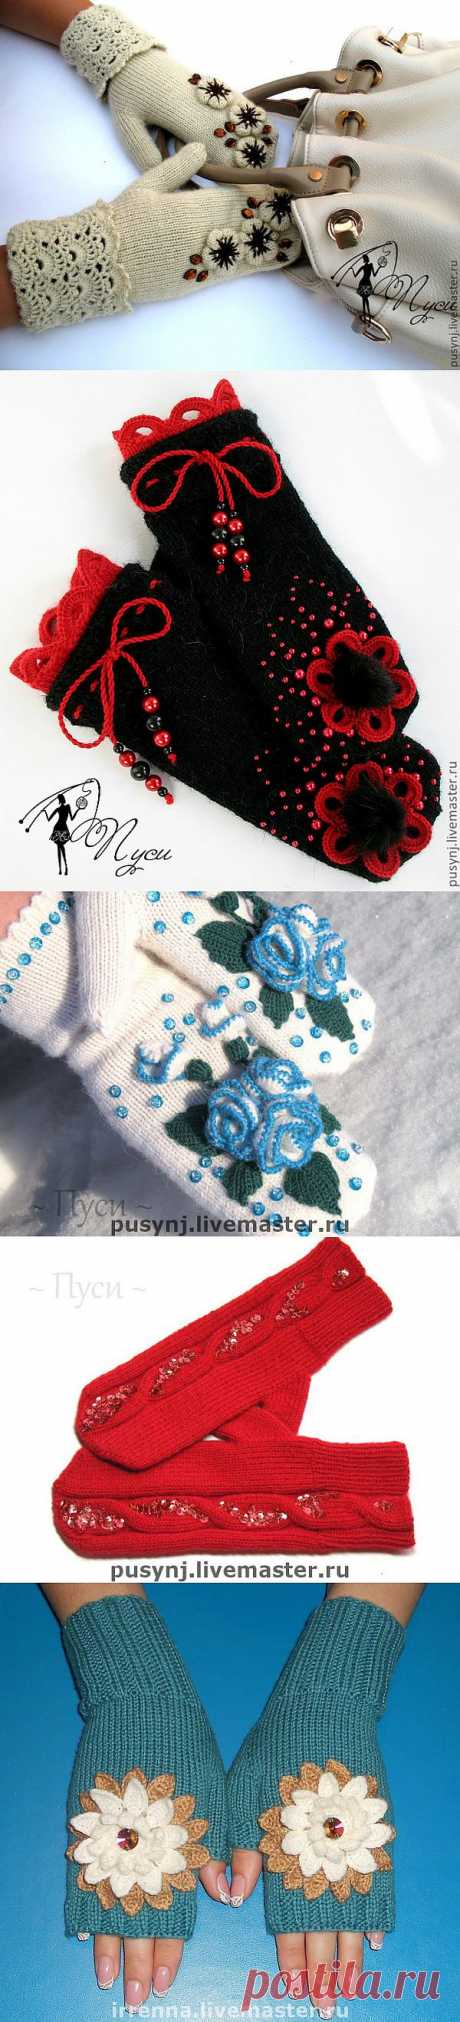 Варежки, перчатки, митенки - идеи от замечательных мастериц!.